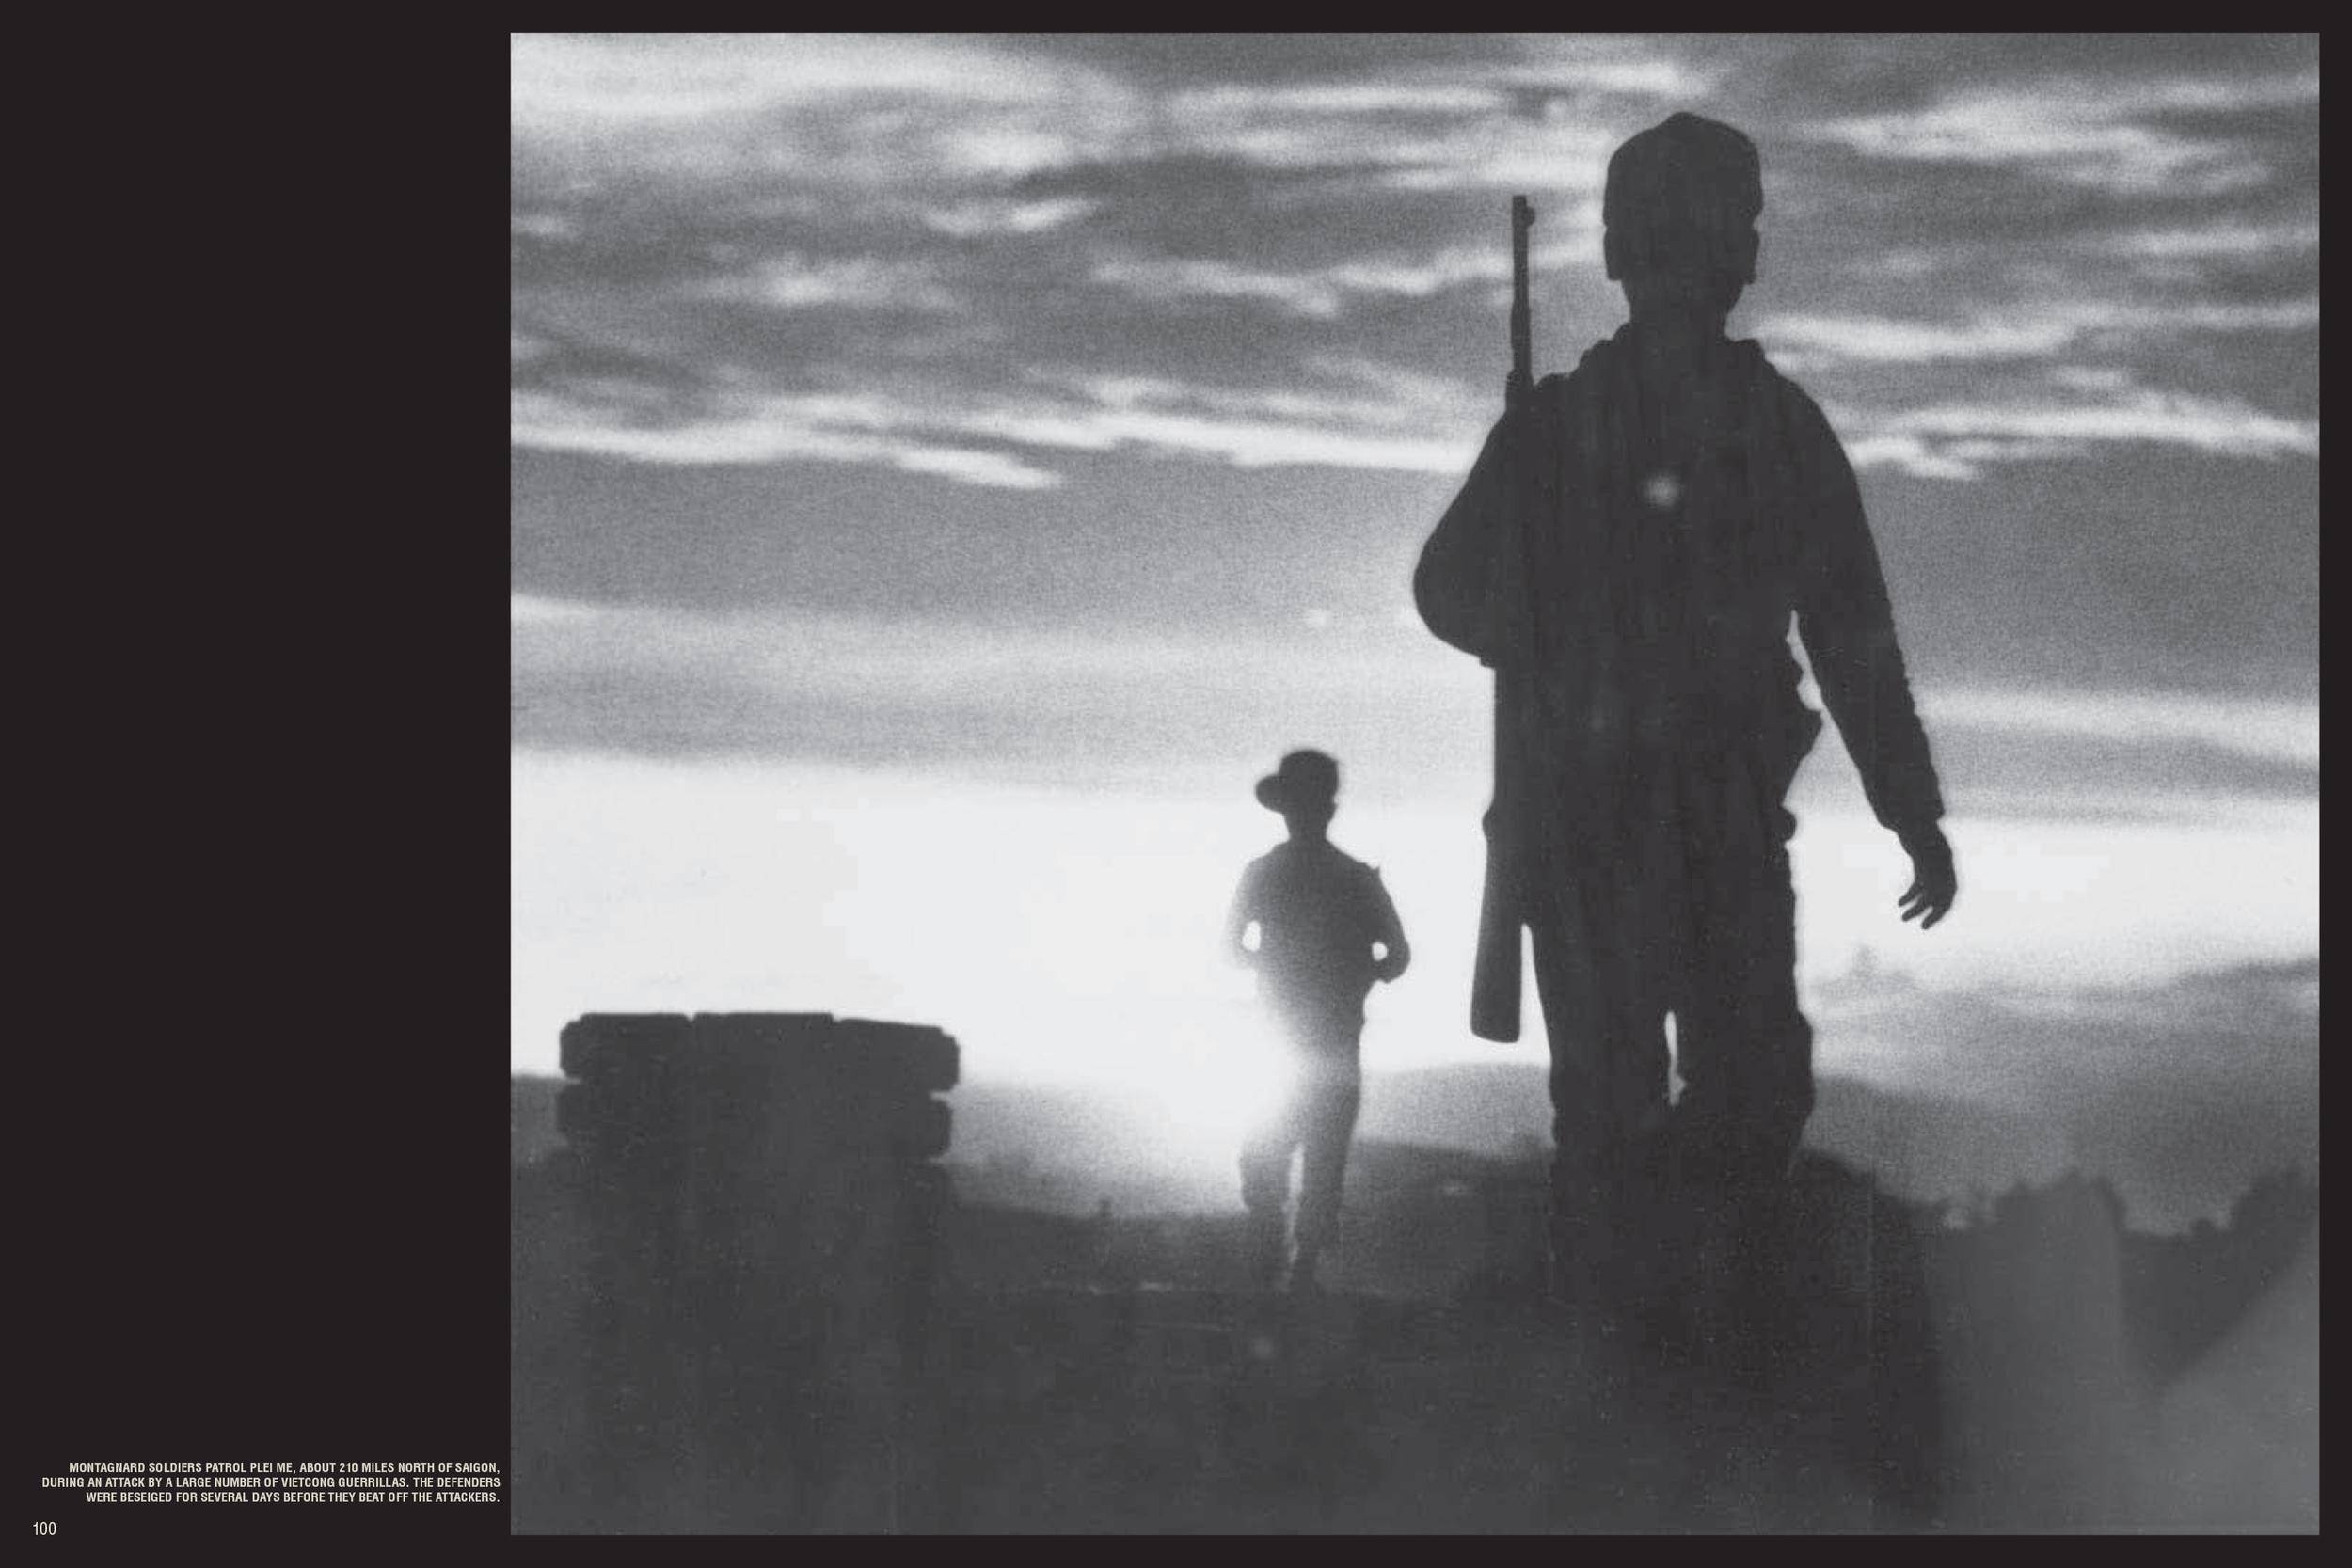 EDDIEADAMS-VIETNAM-FINAL-52.jpg